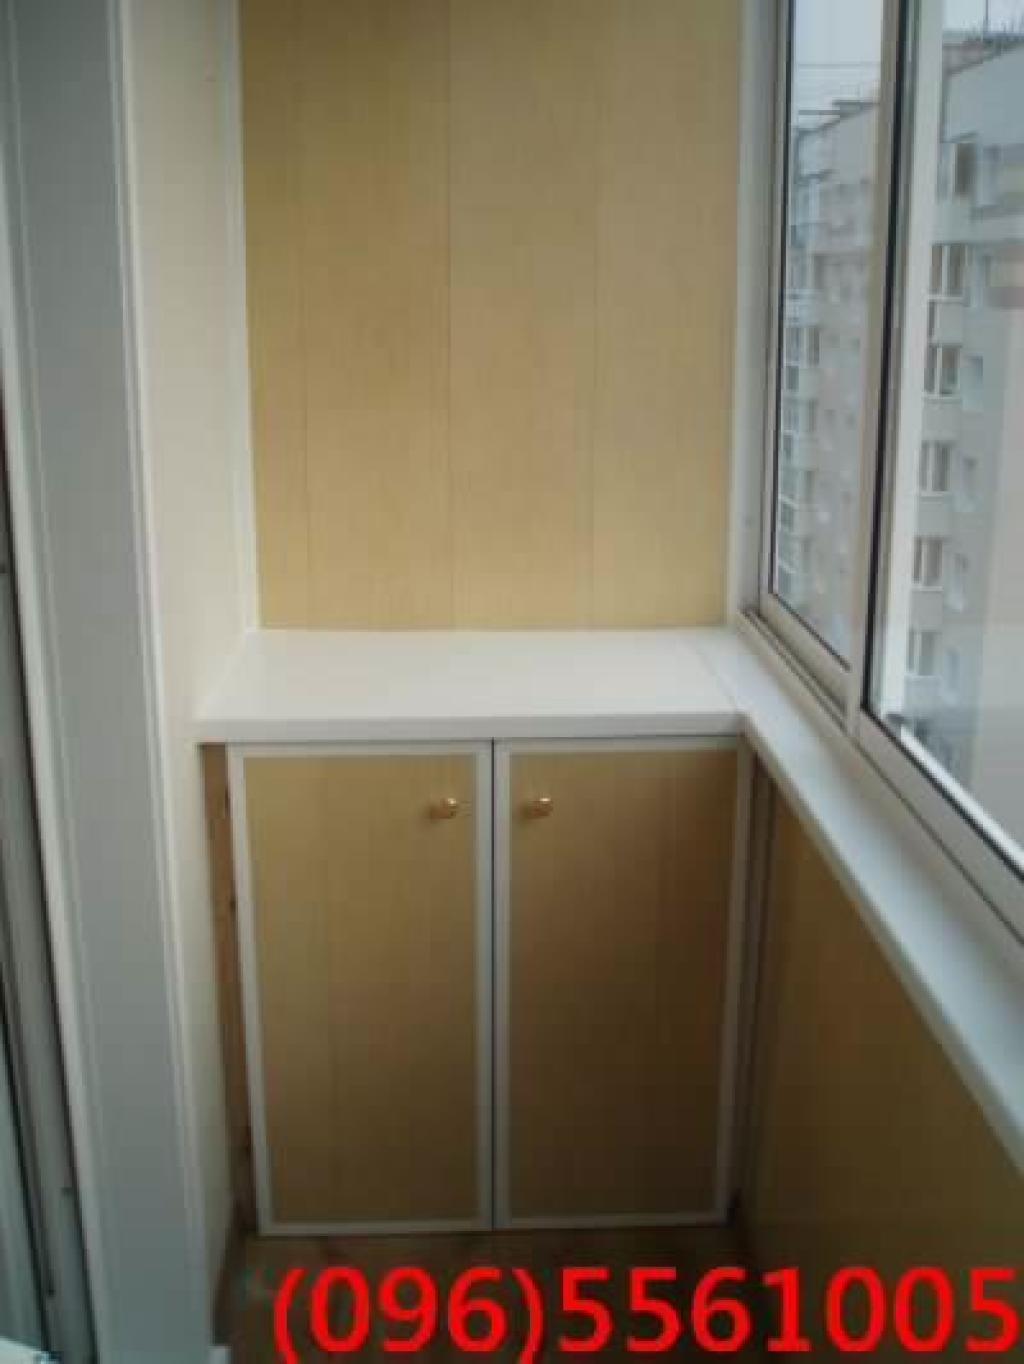 Фото: шкаф на балкон. проектування, монтаж сходів, київ і об.